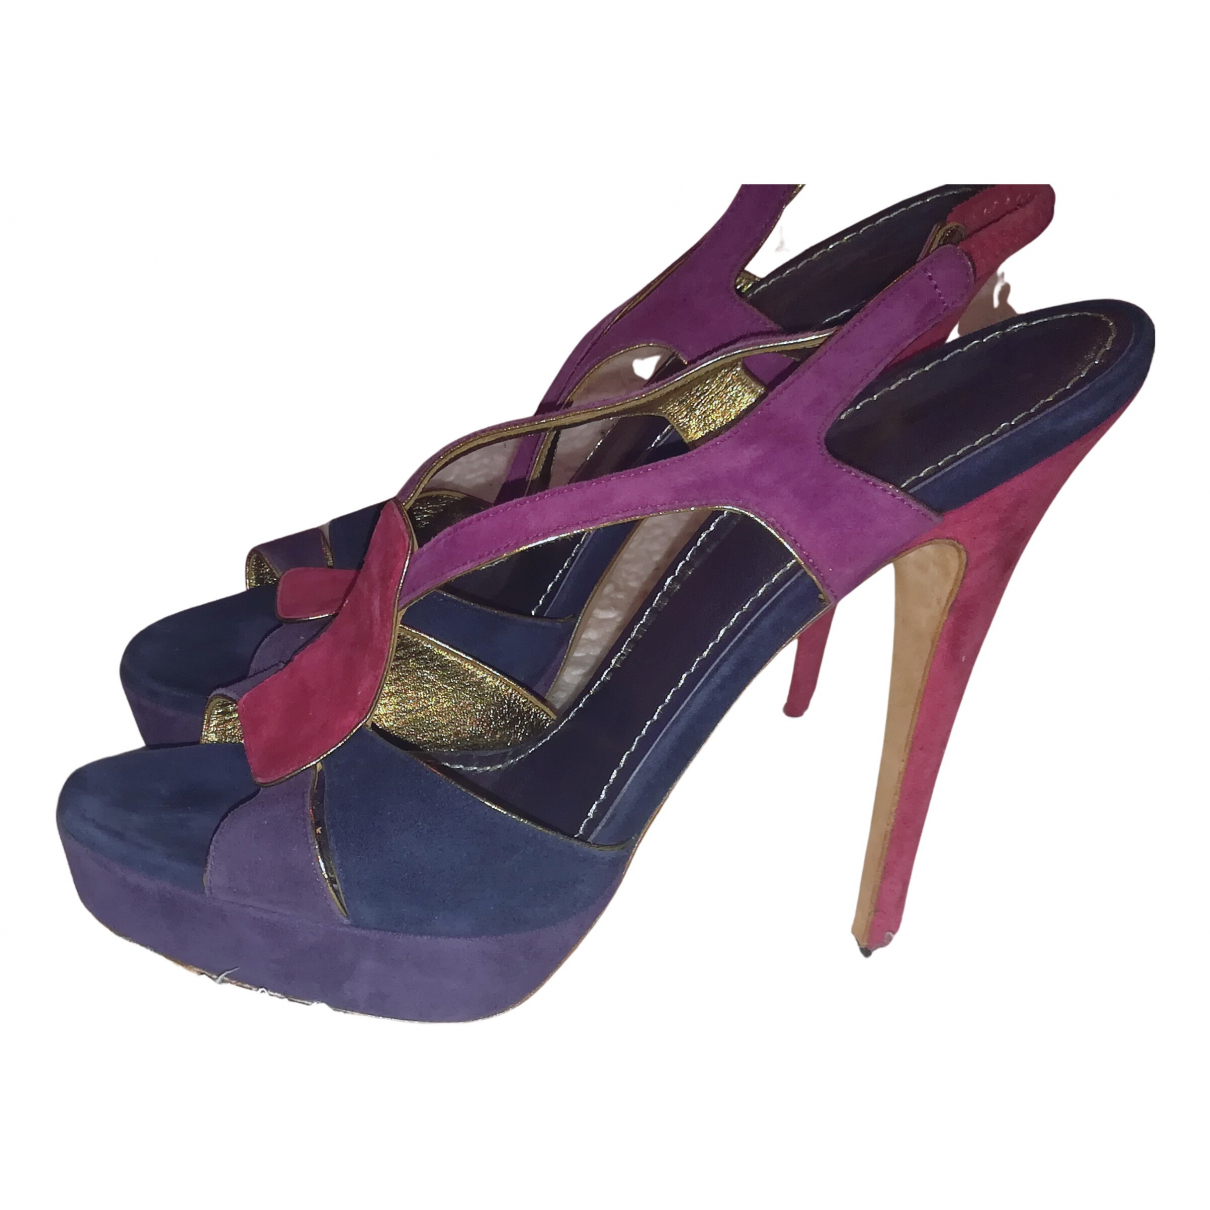 Yves Saint Laurent N Purple Suede Sandals for Women 39 EU